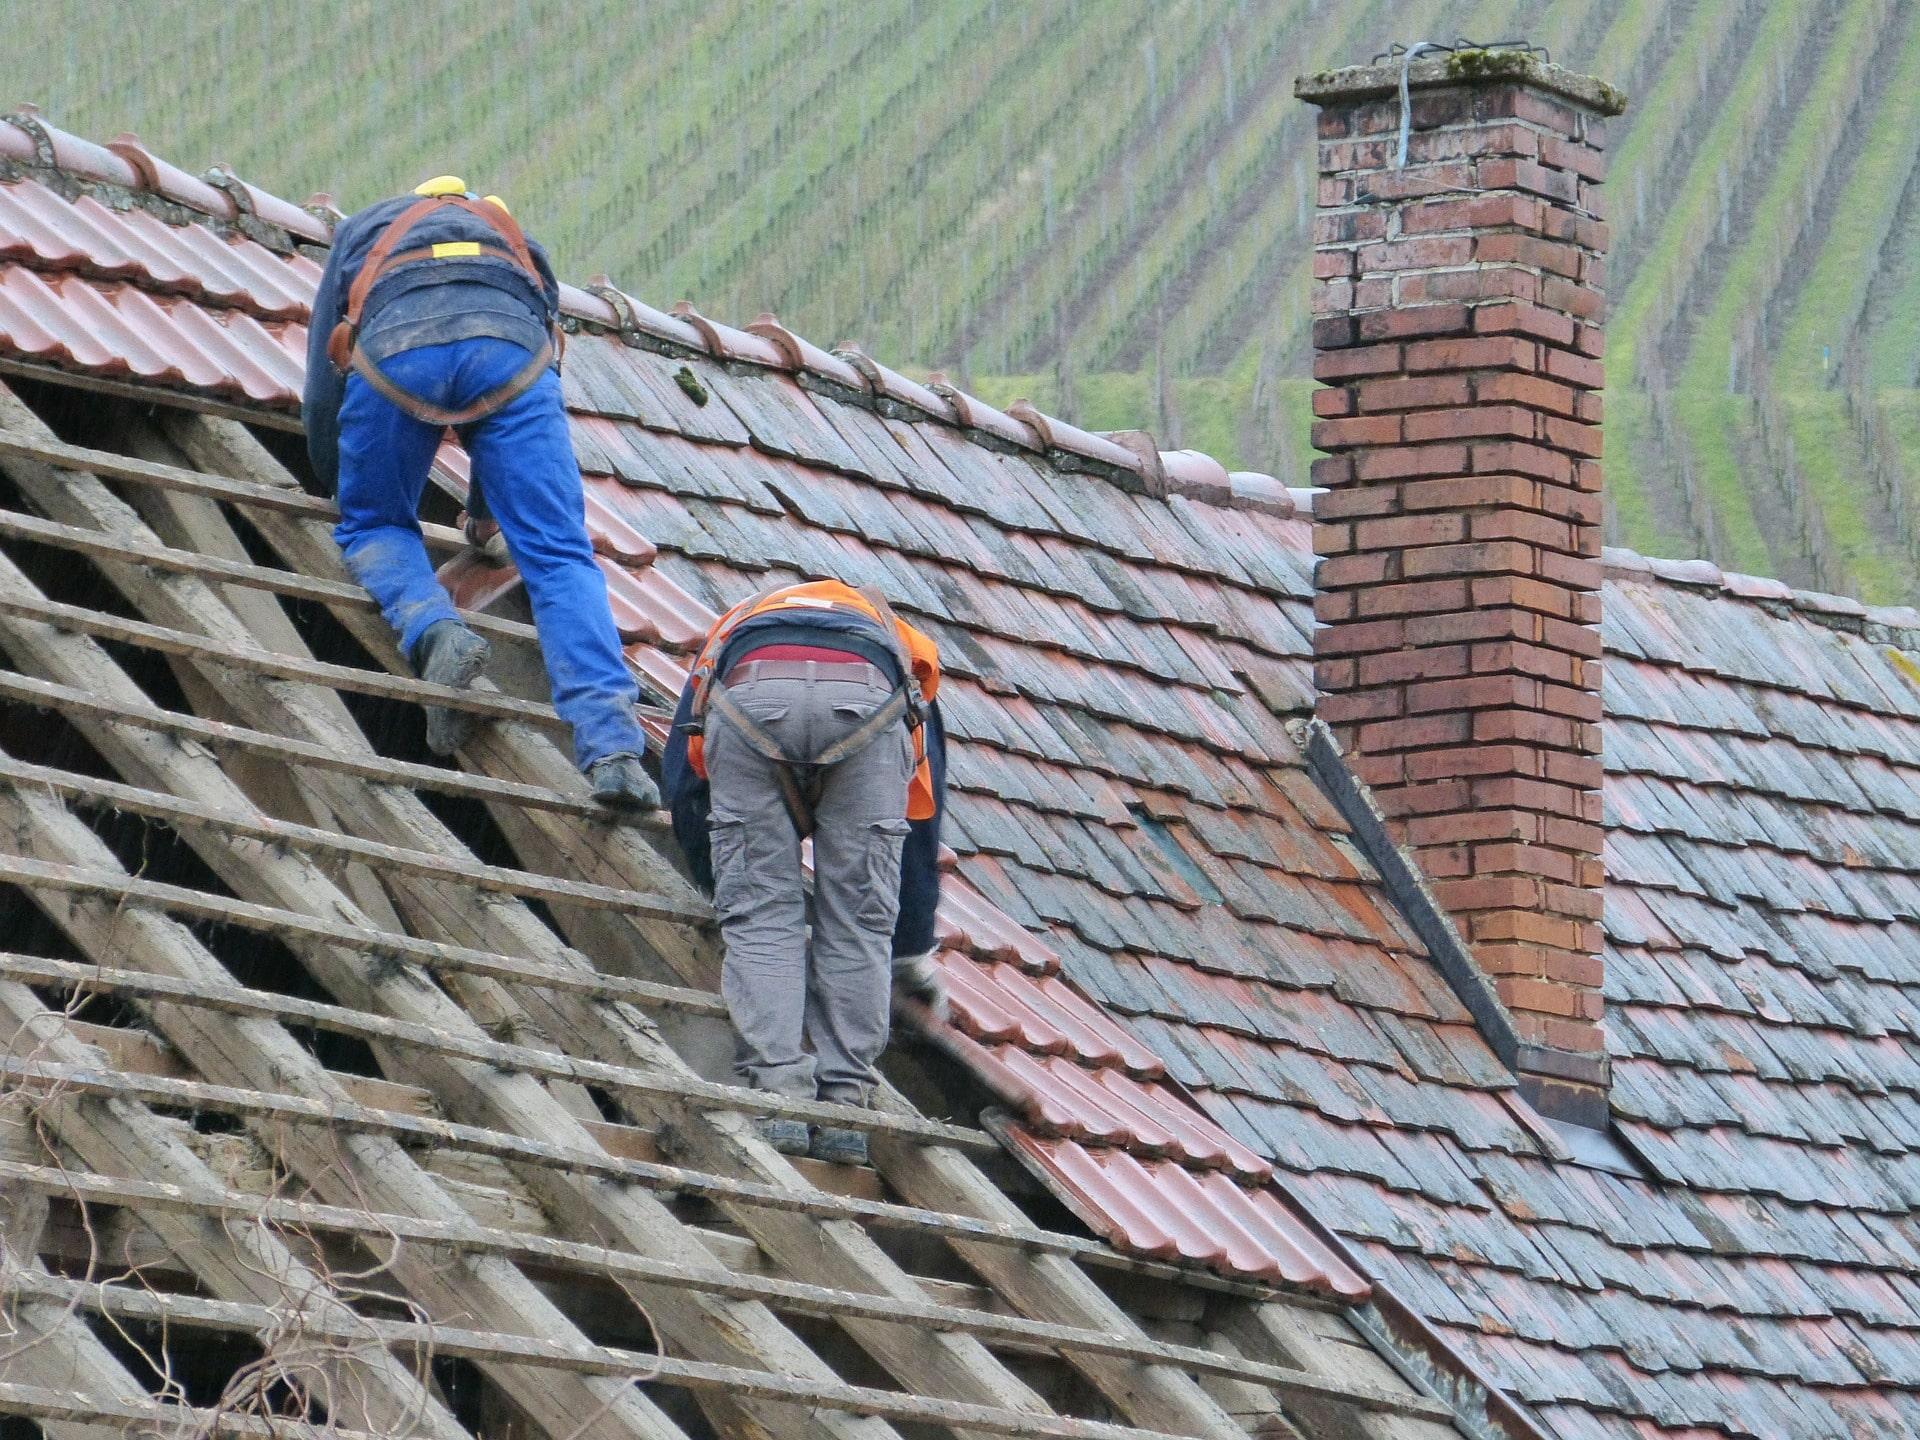 ¿Cuánto cuesta cambiar un tejado?